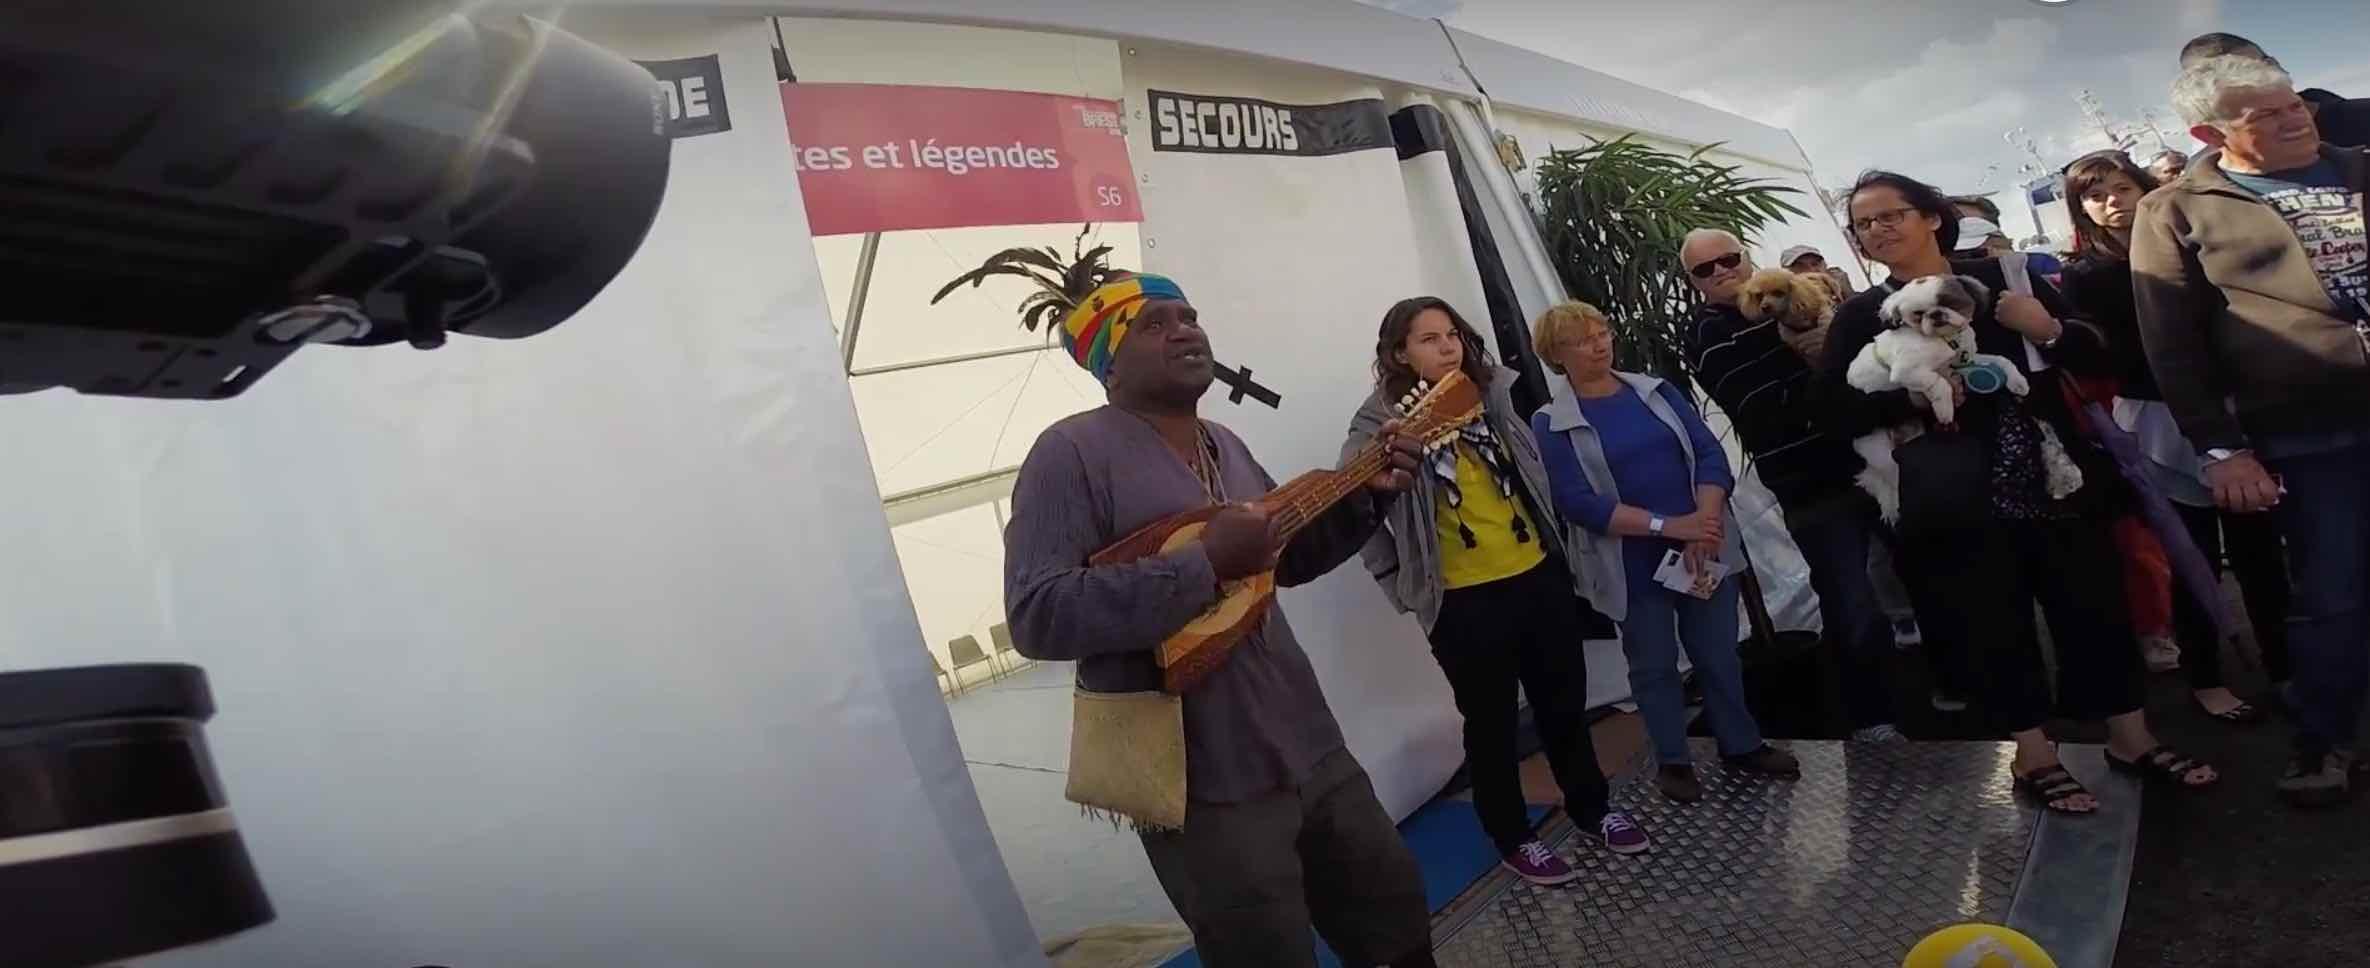 #Brest2016 w/ Nouvelle-Calédonie – Jour #3